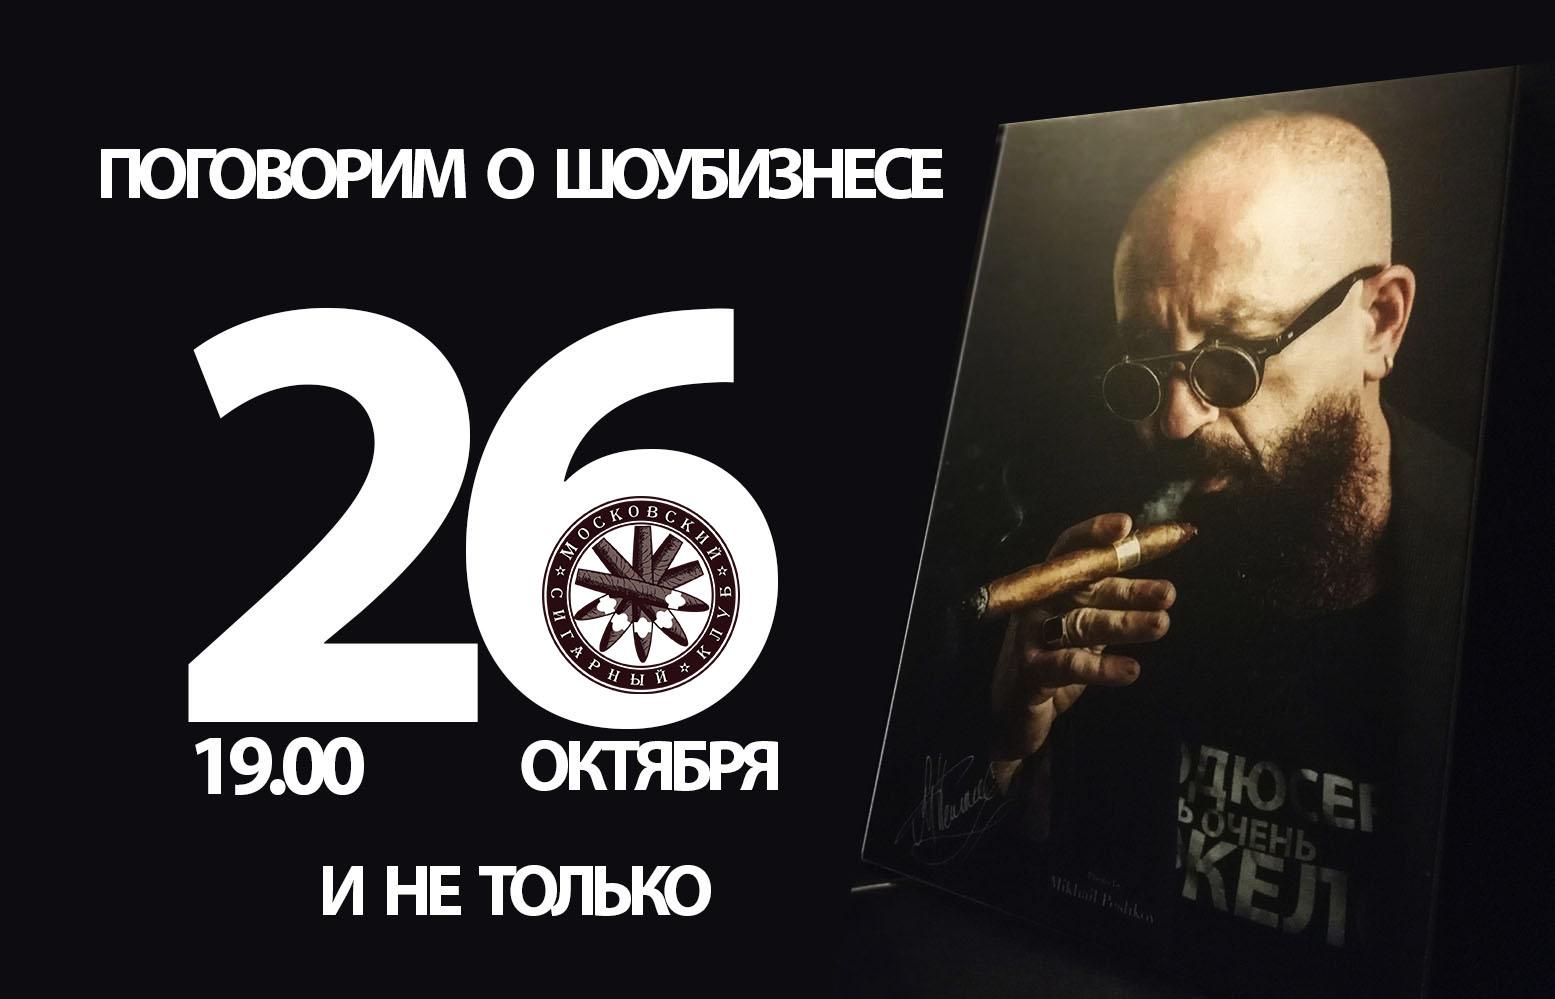 26 октября творческий вечер продюсера Владимира Ферапонтова для Московского Сигарного Клуба